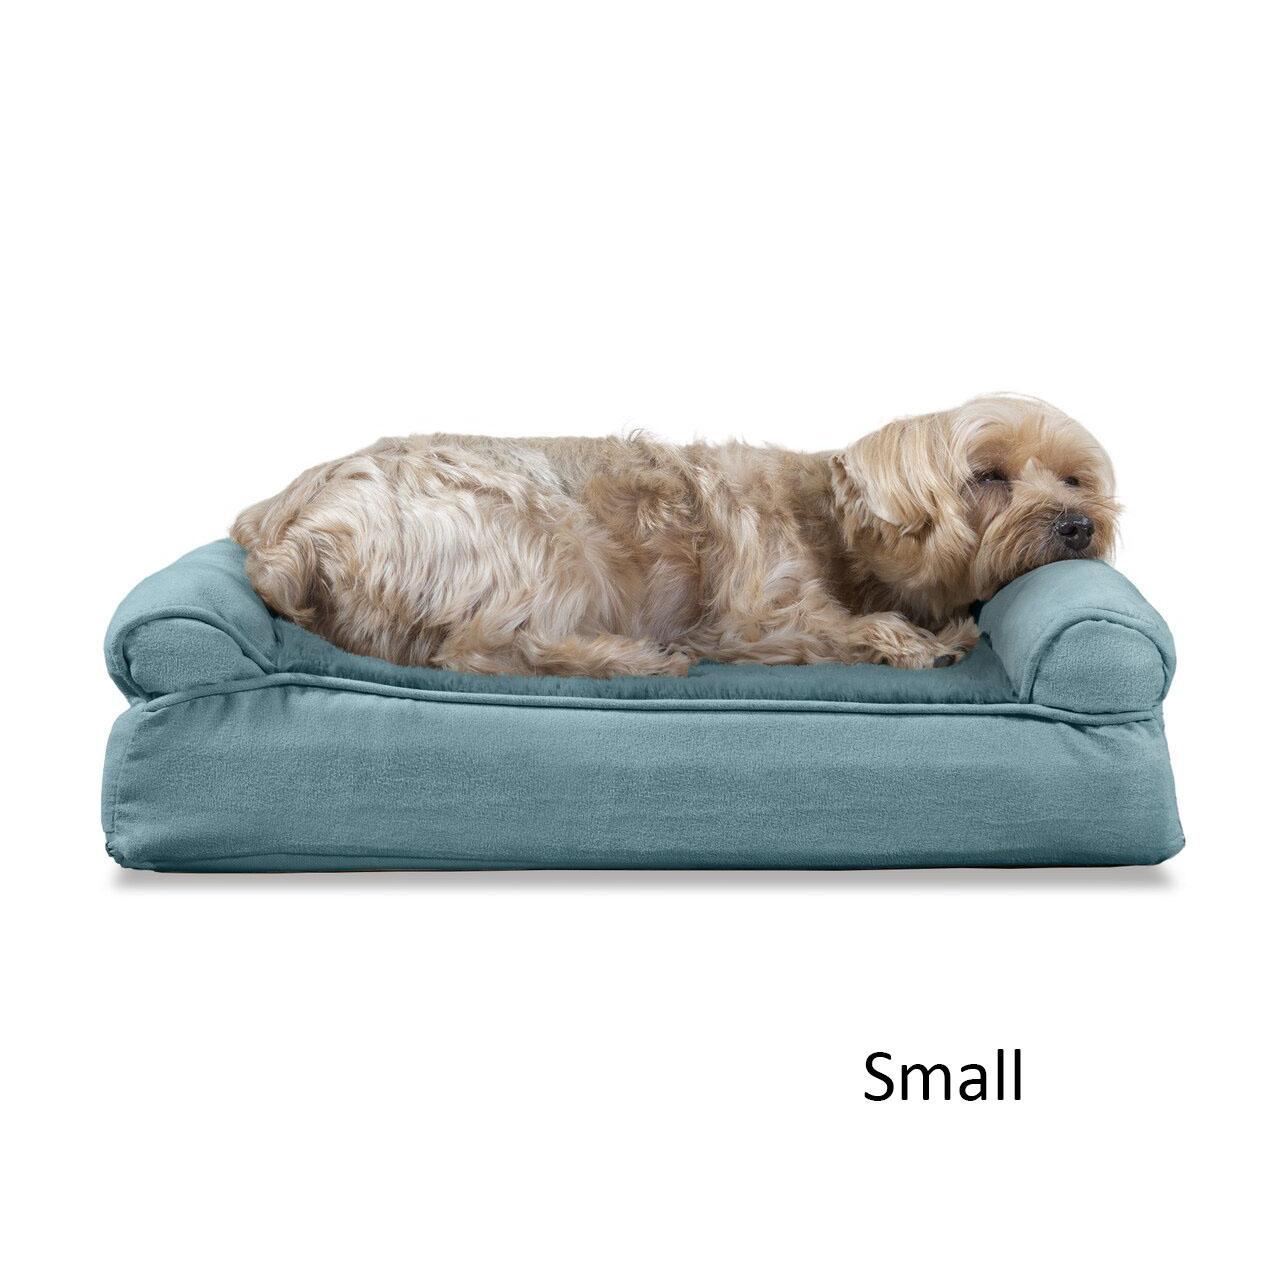 FurHaven Plush & Suede Memory Top Sofa Pet Bed - Deep Pool